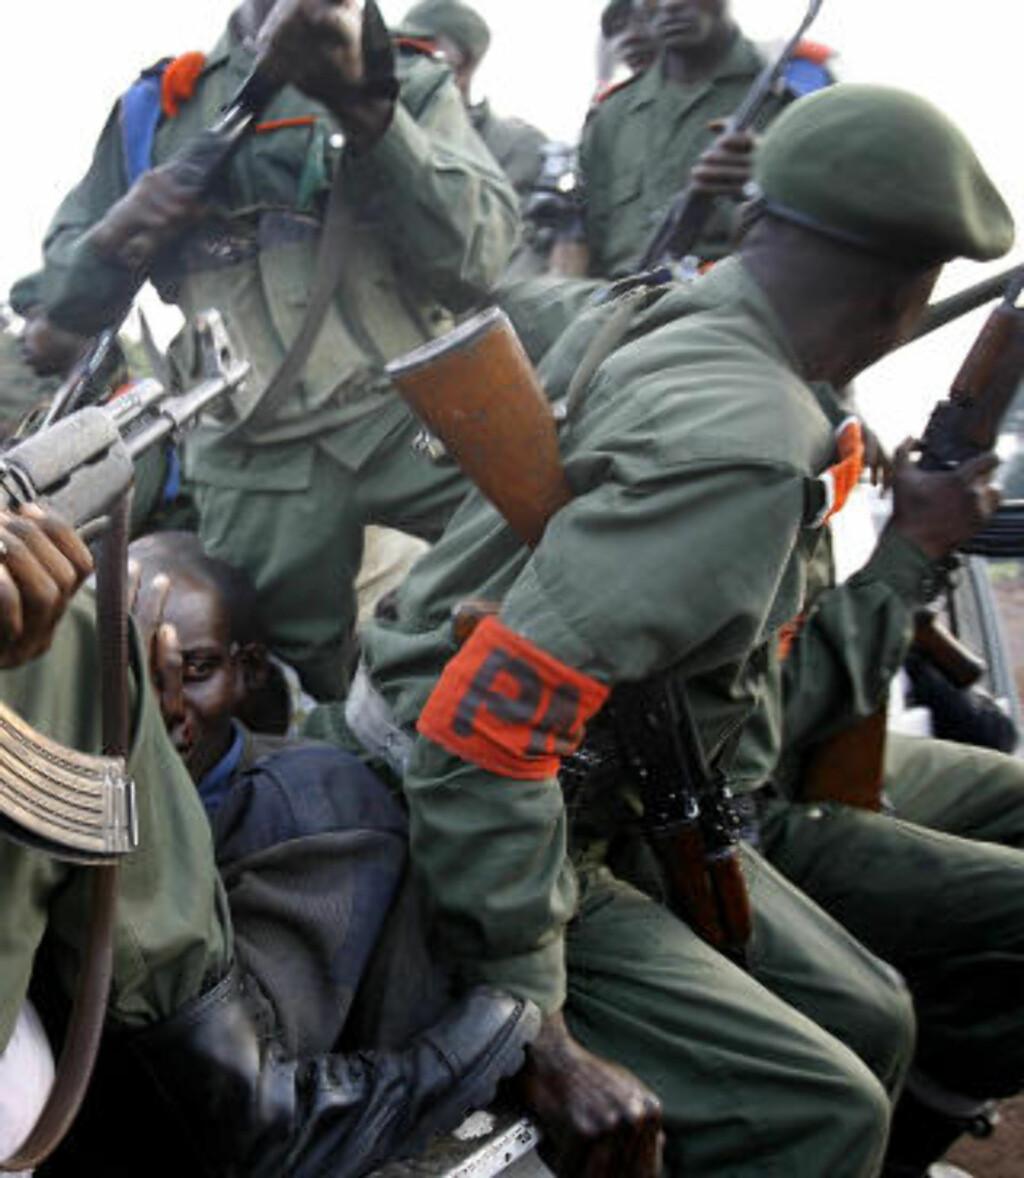 HARDHENDT: Den kongolesiske regjeringshæren tar en mann til fange etter et angrep mot en FN-konvoi i nærheten av Goma i november i fjor. Hæren tjener store penger på gruvedrift i området. Foto: AP Photo/Jerome Delay/Scanpix